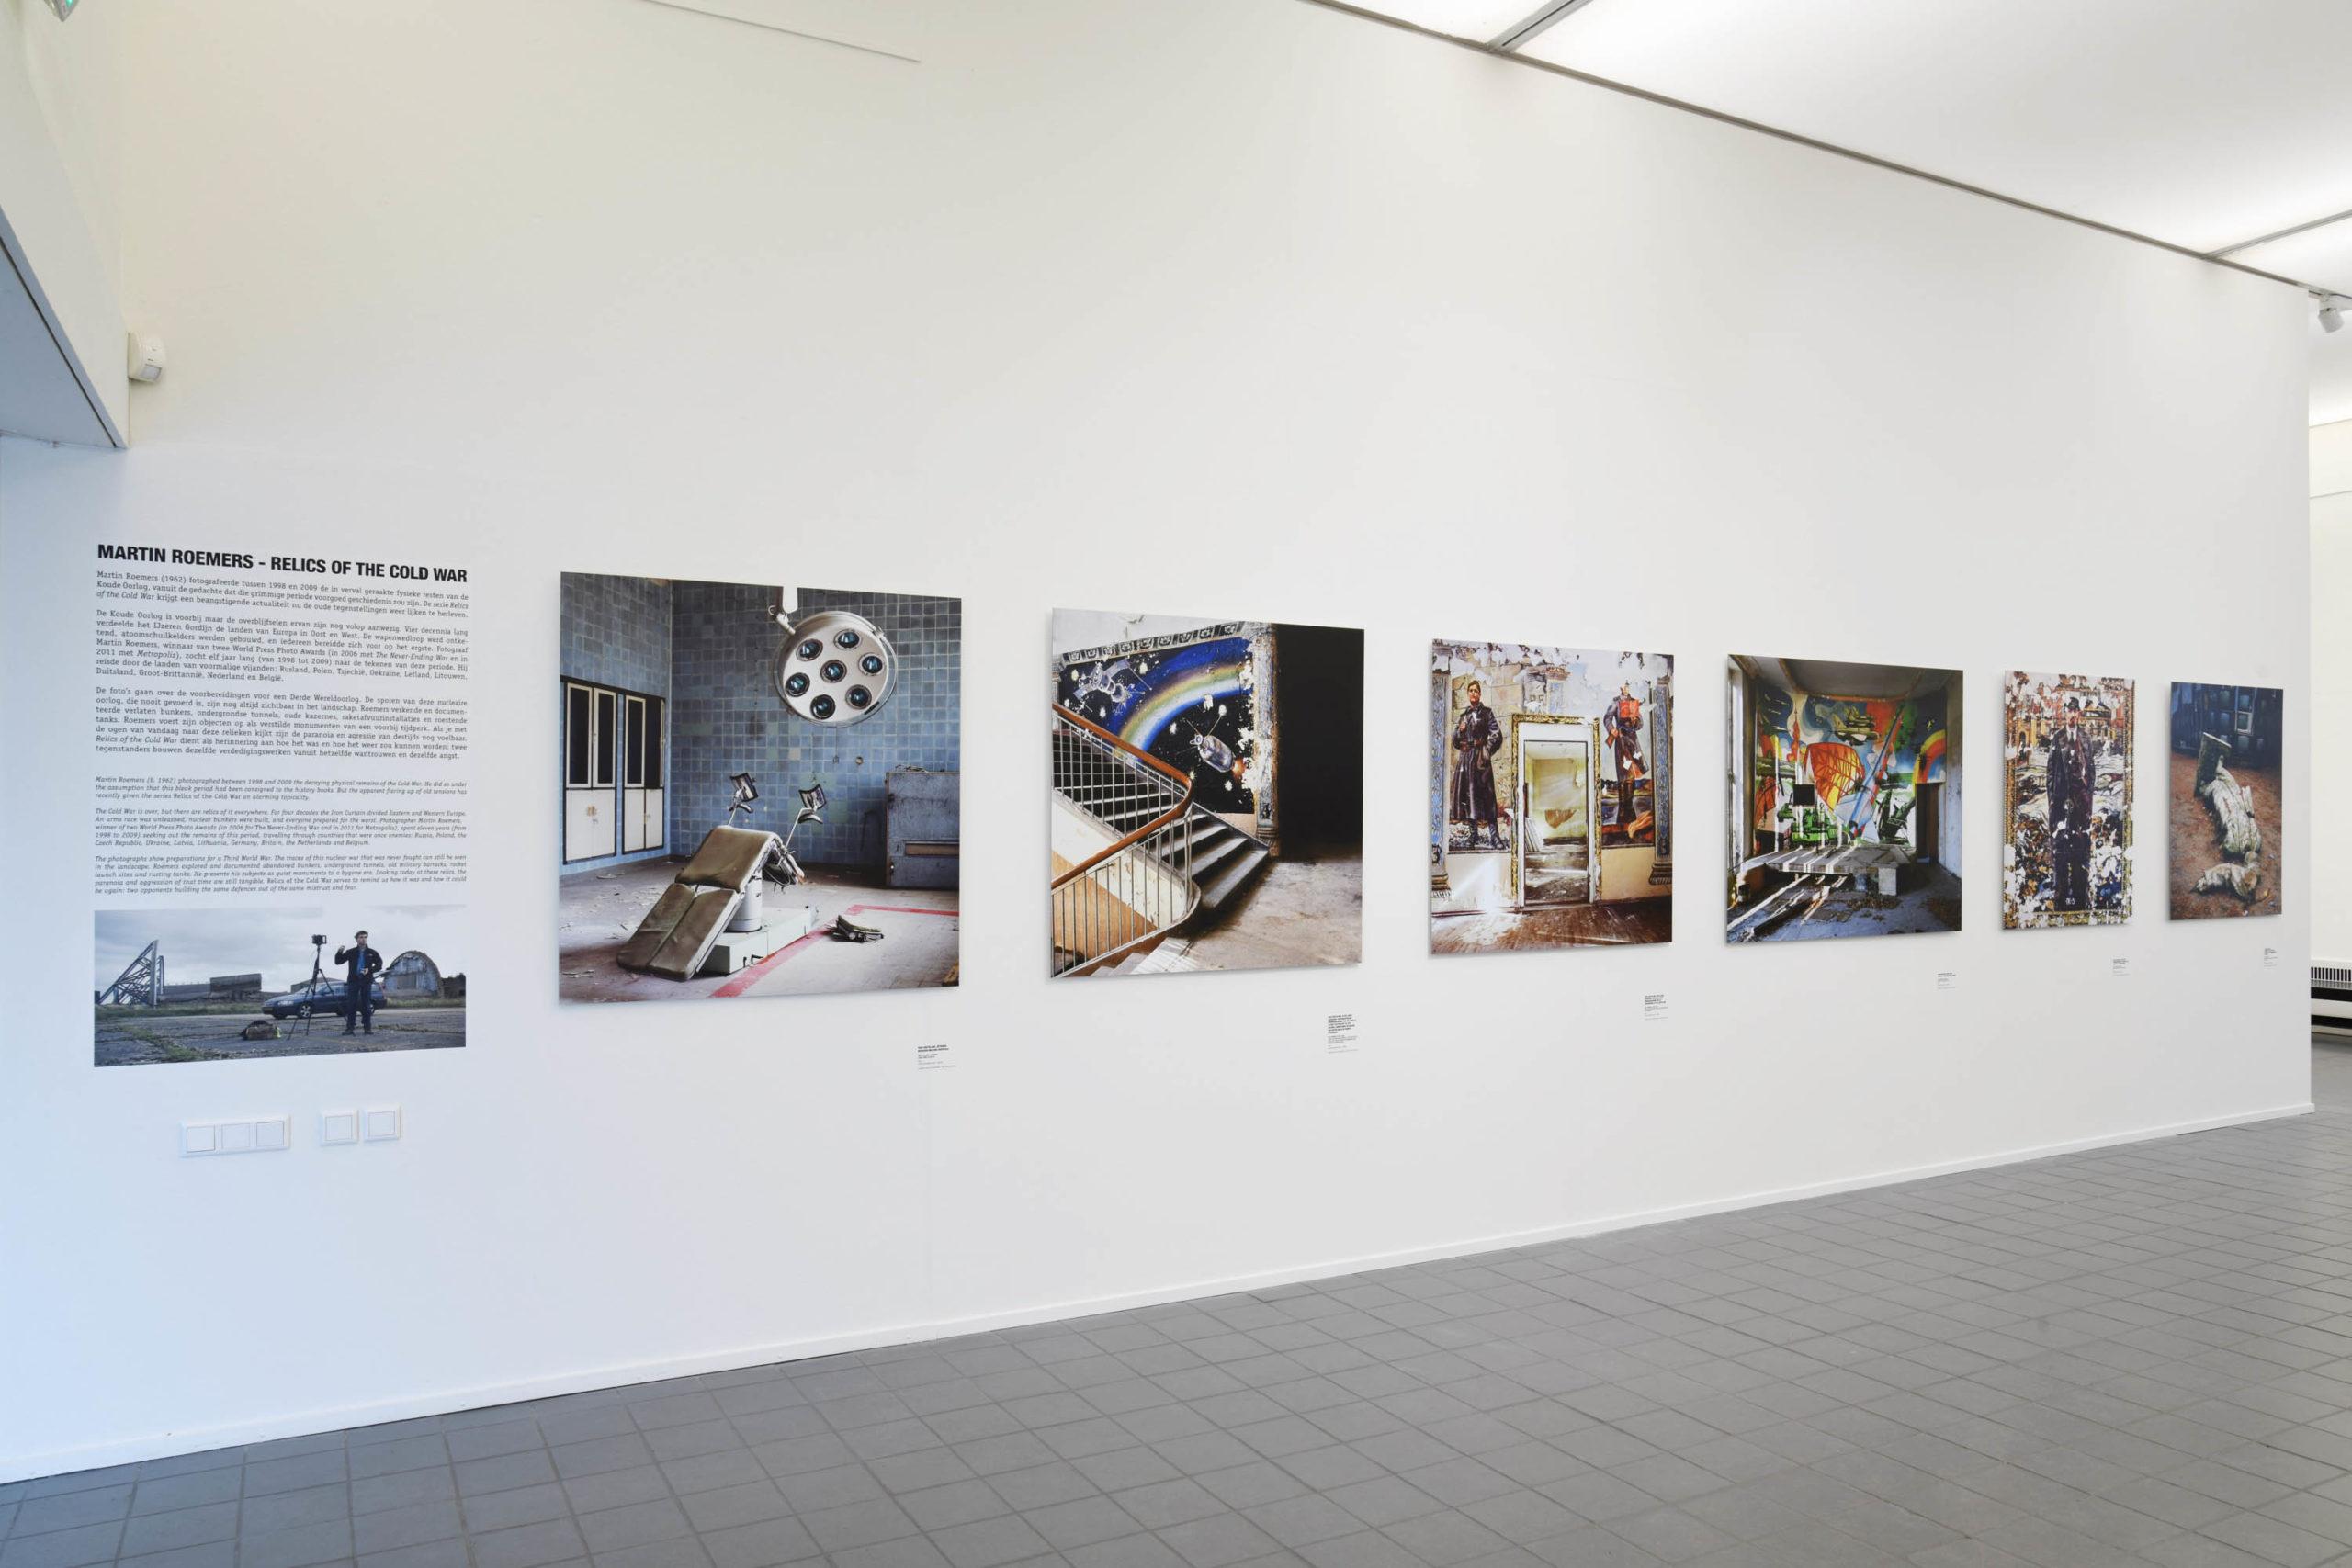 Museum de Fundatie, Zwolle/Heino, Netherlands